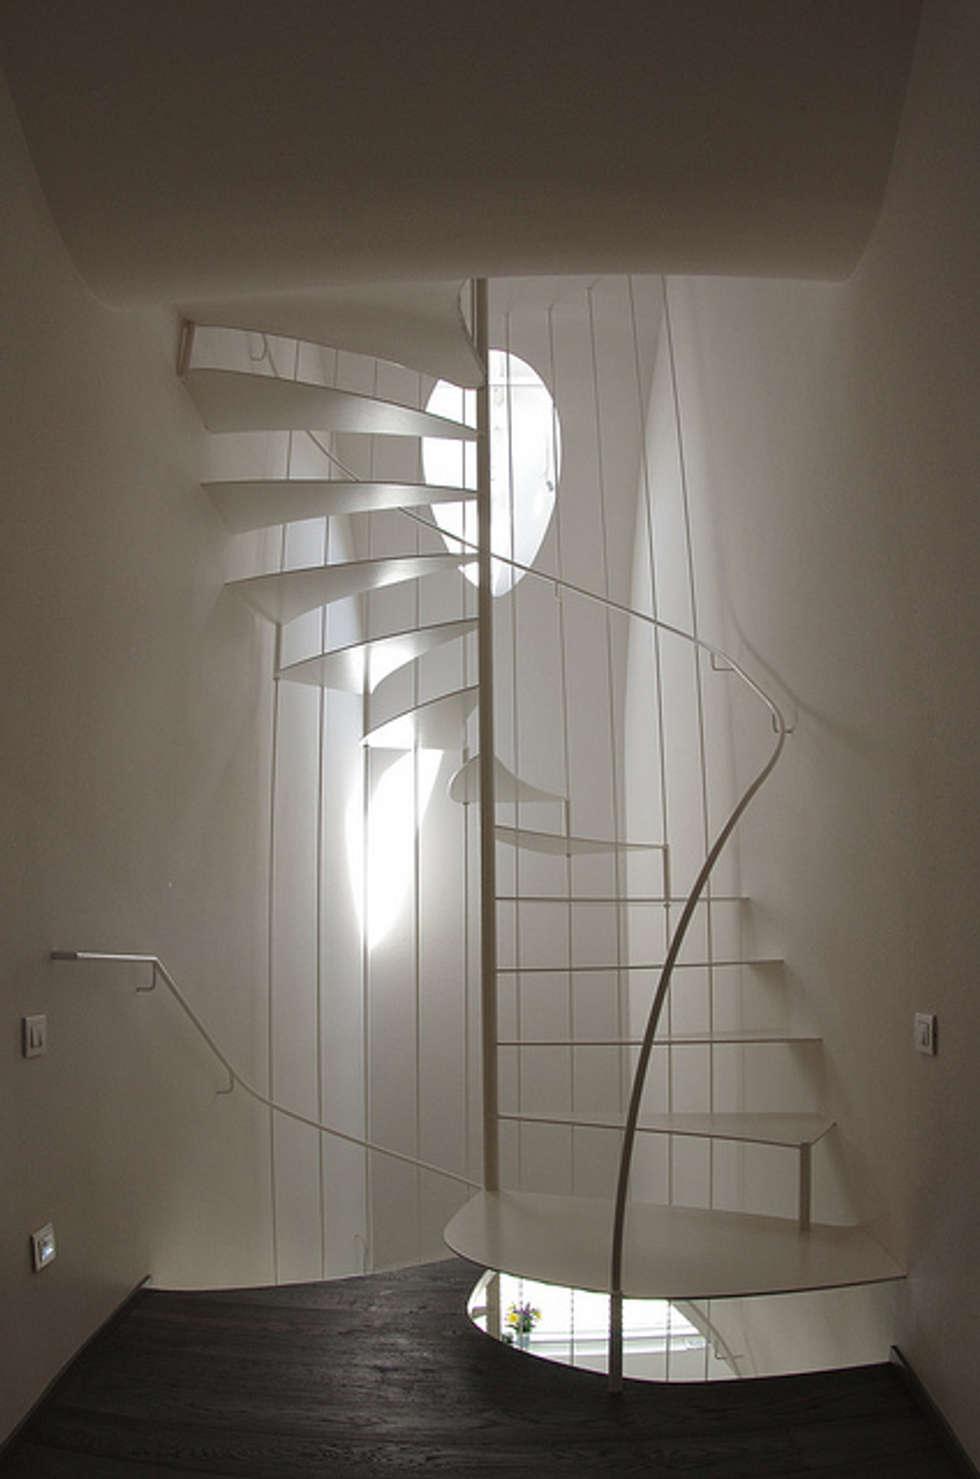 Pasillos y vestíbulos de estilo  de lauro ghedini & partners _ architecture.design   studio